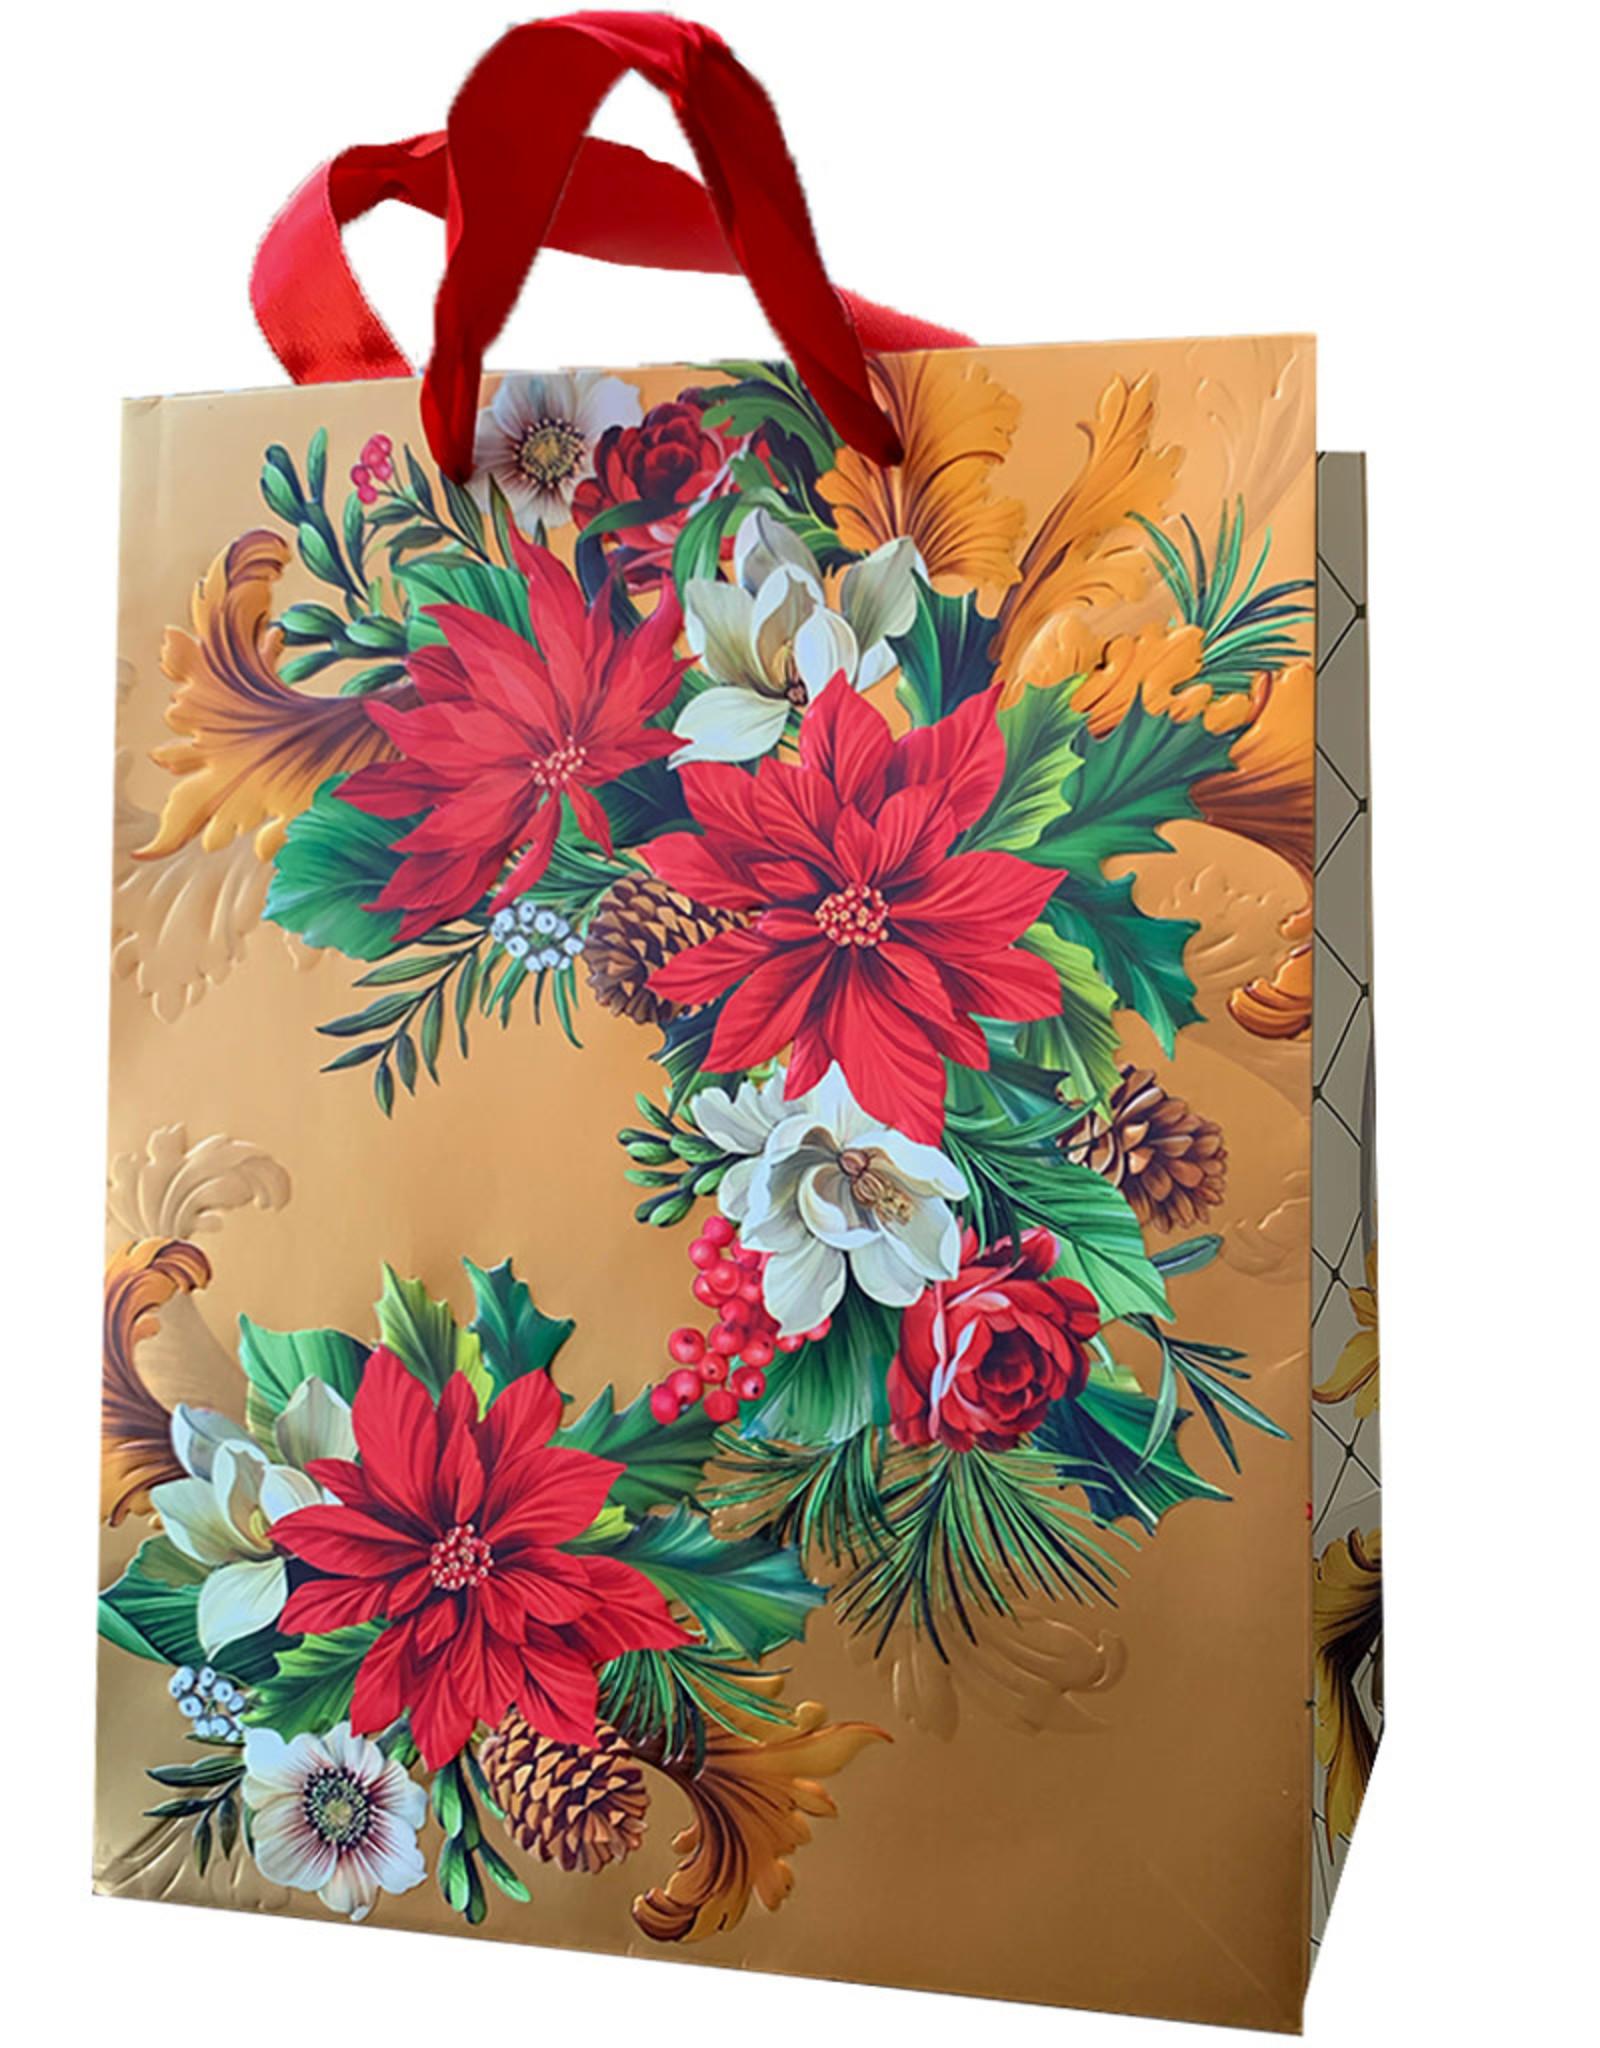 Papyrus Christmas Gift Bags